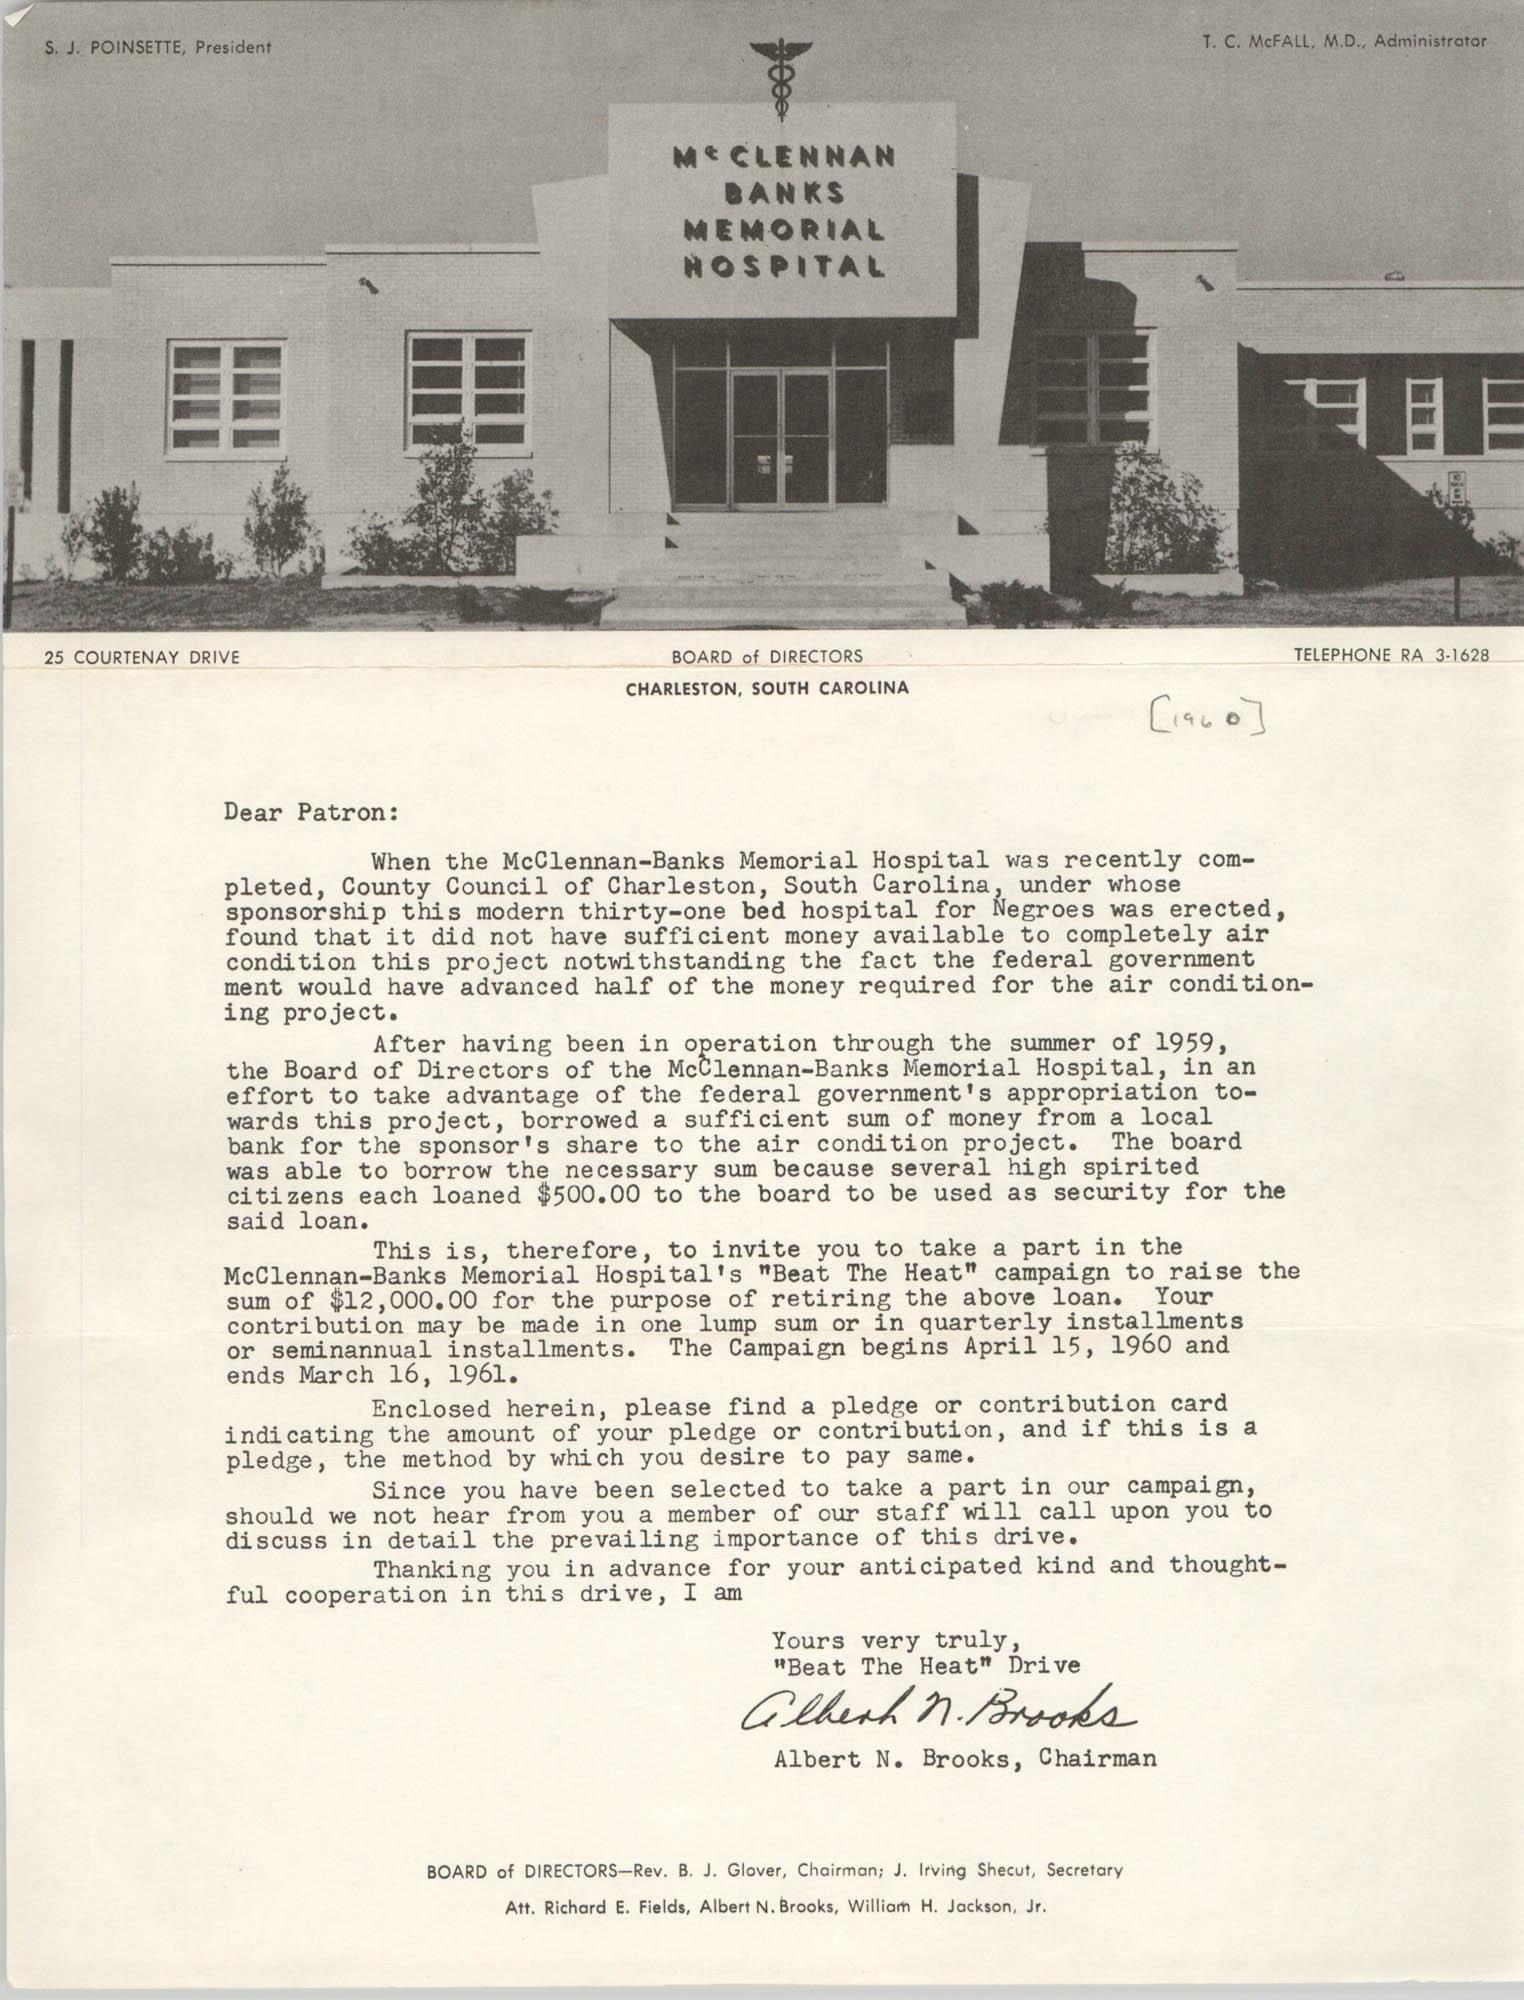 Letter from Albert N. Brooks, 1960